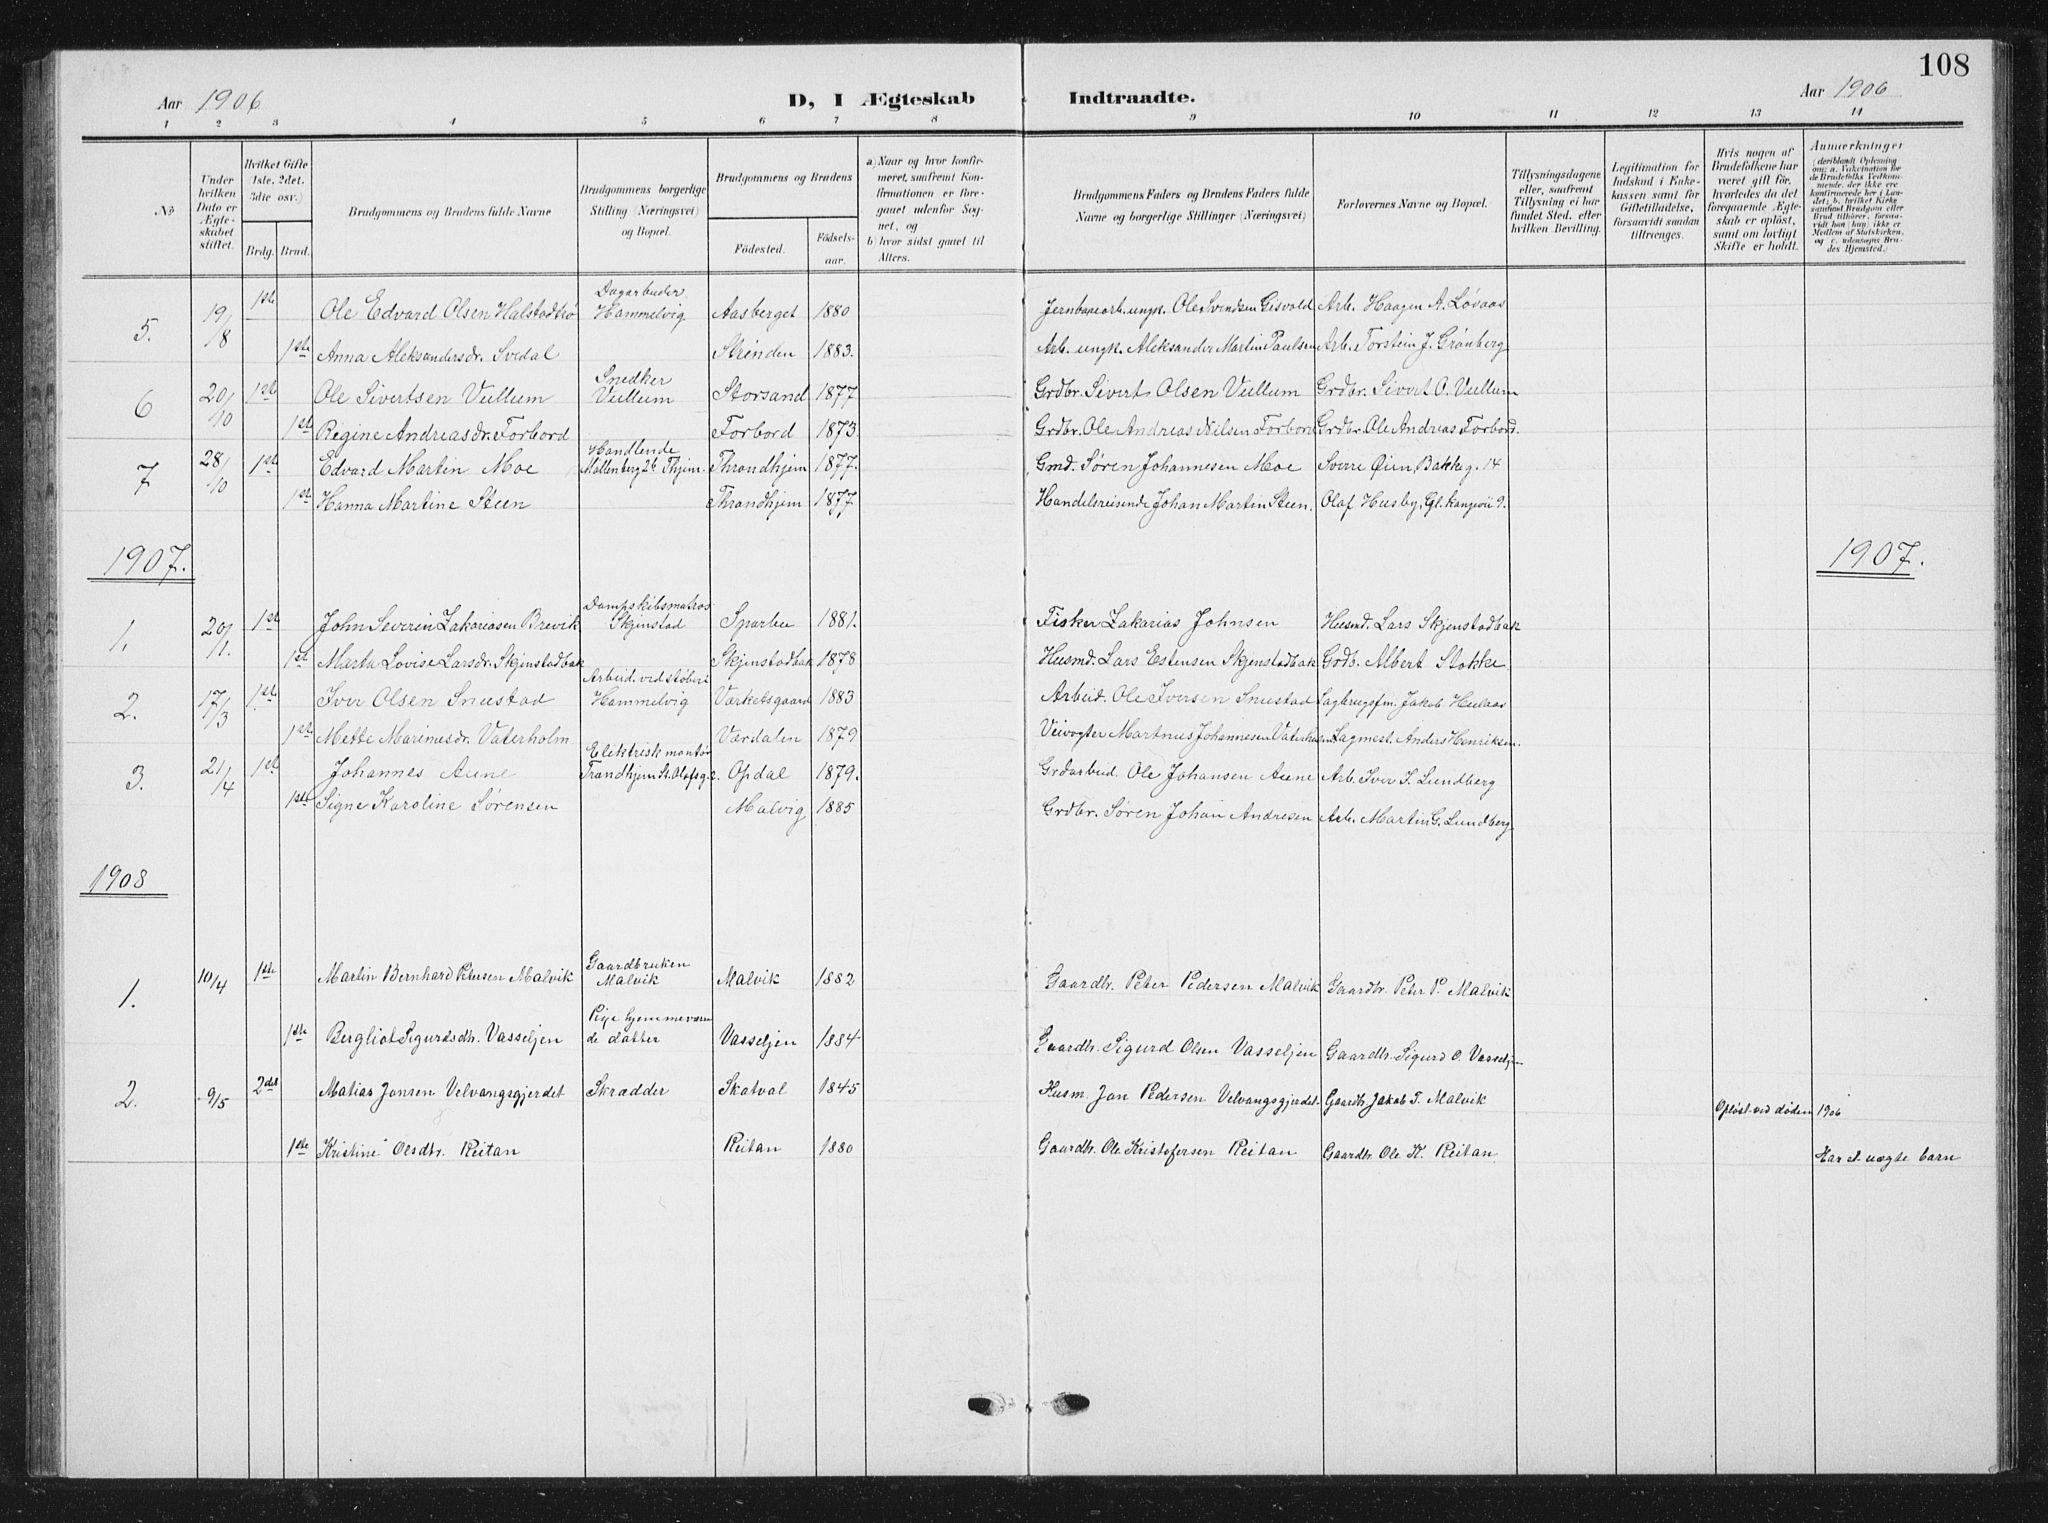 SAT, Ministerialprotokoller, klokkerbøker og fødselsregistre - Sør-Trøndelag, 616/L0424: Klokkerbok nr. 616C07, 1904-1940, s. 108